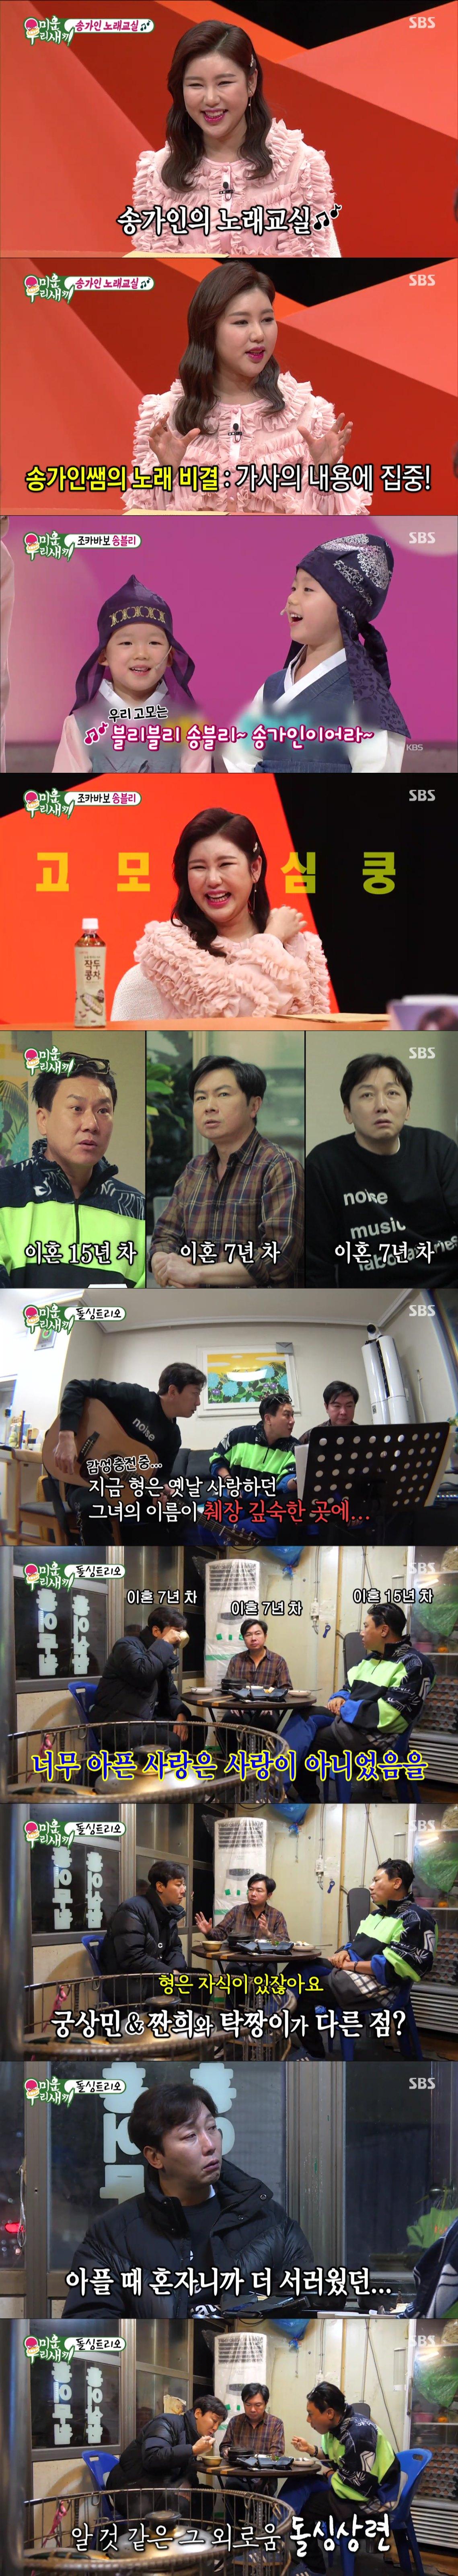 '미우새' 송가인 노래교실→임·탁·민 돌싱상련...동시간대 예능 1위